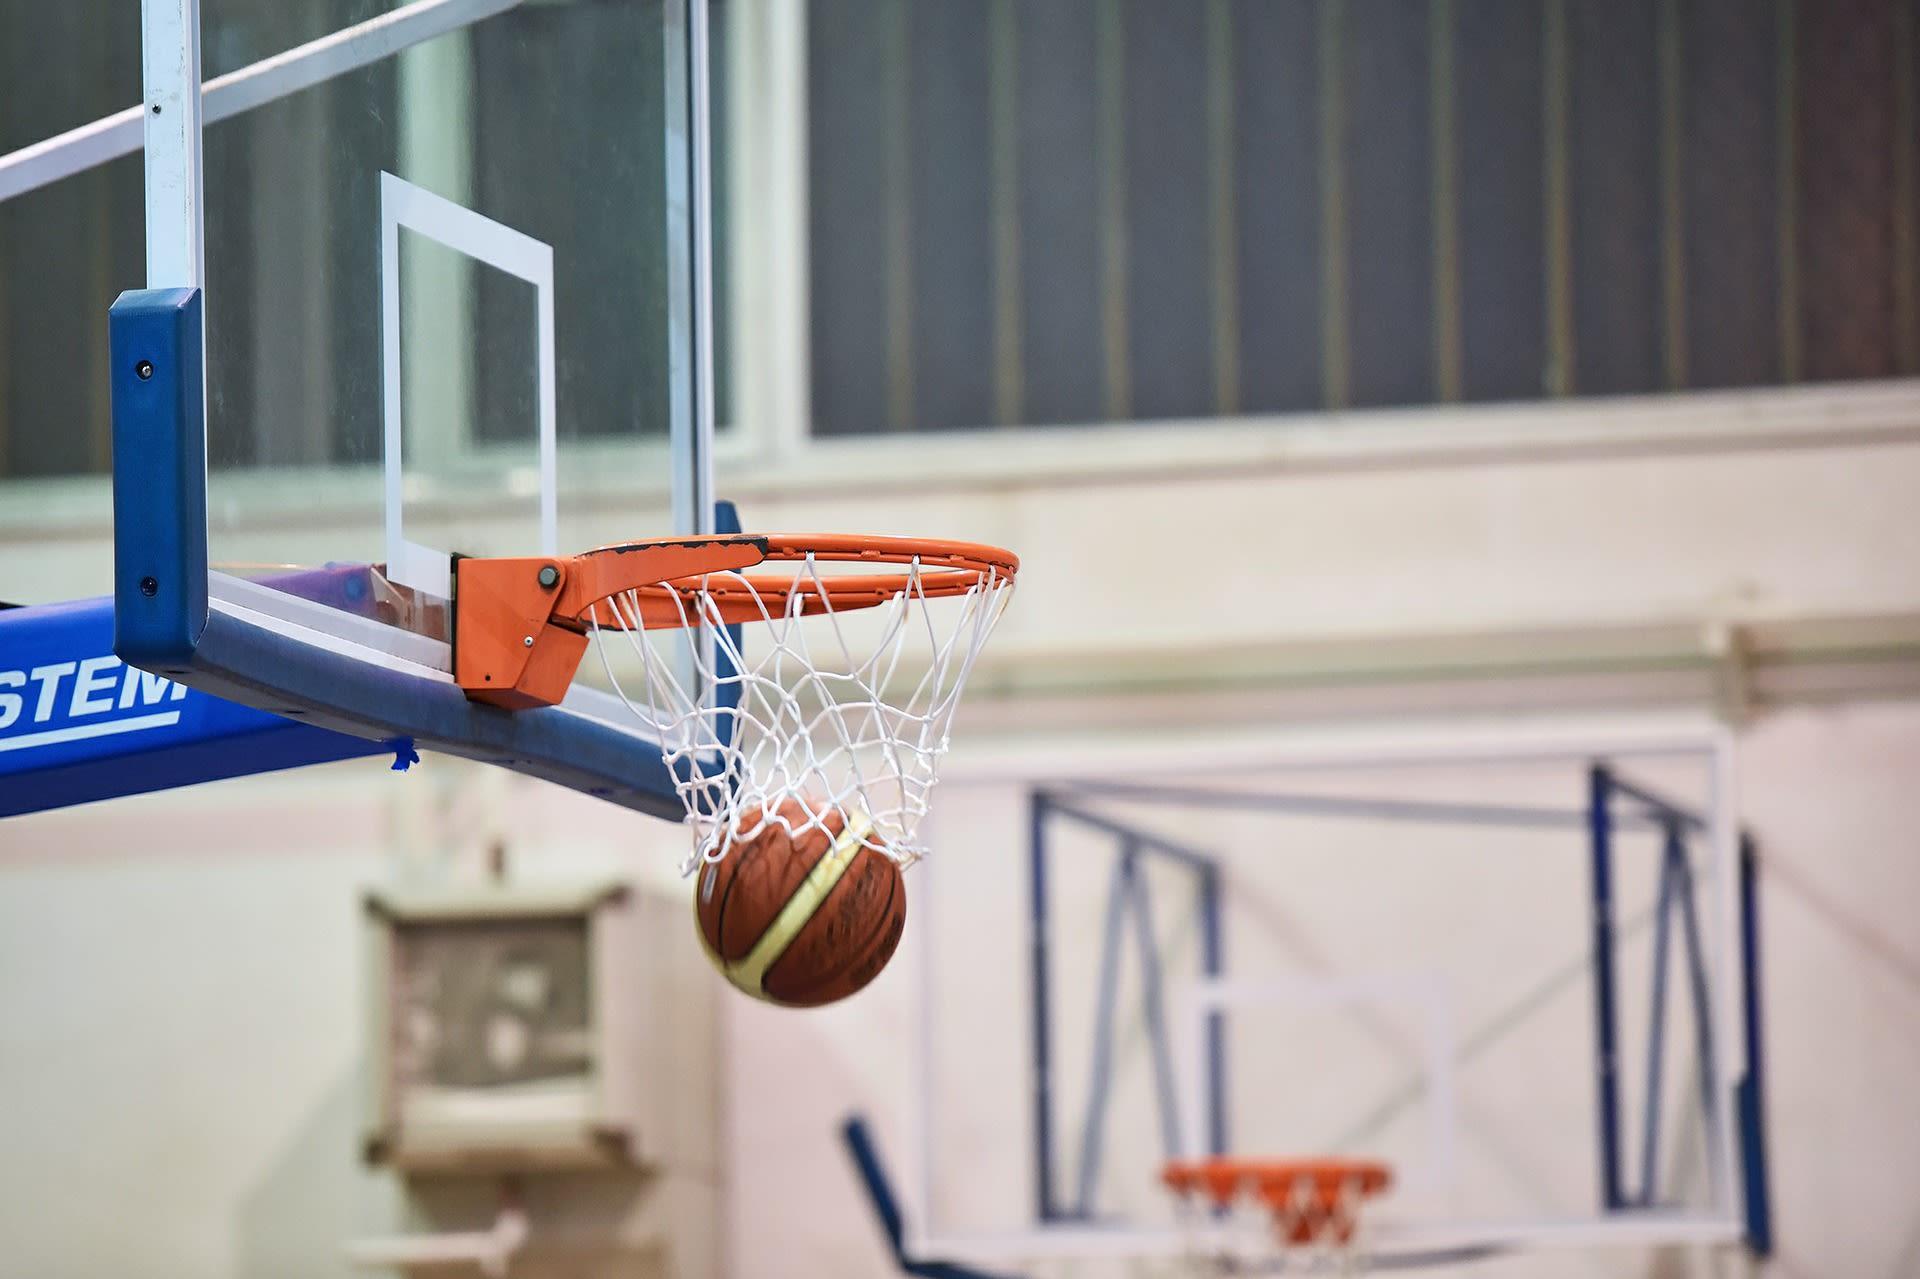 2018-2019 UK & UofL Men's Basketball Schedule